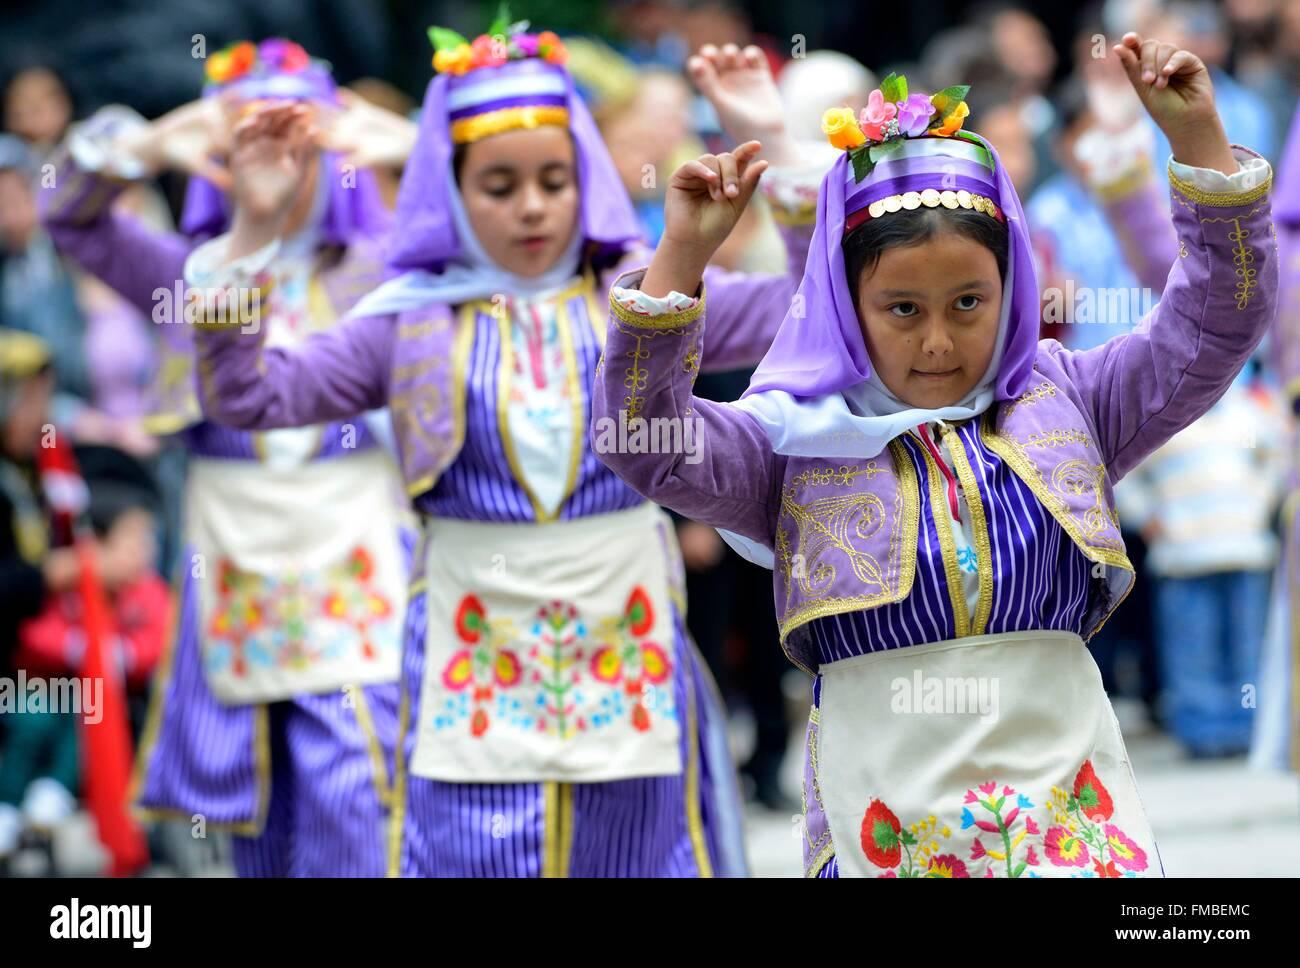 Türkei, Marmara Region, Bandirma, Kinder während einer traditionellen Show anlässlich der türkische Stockbild